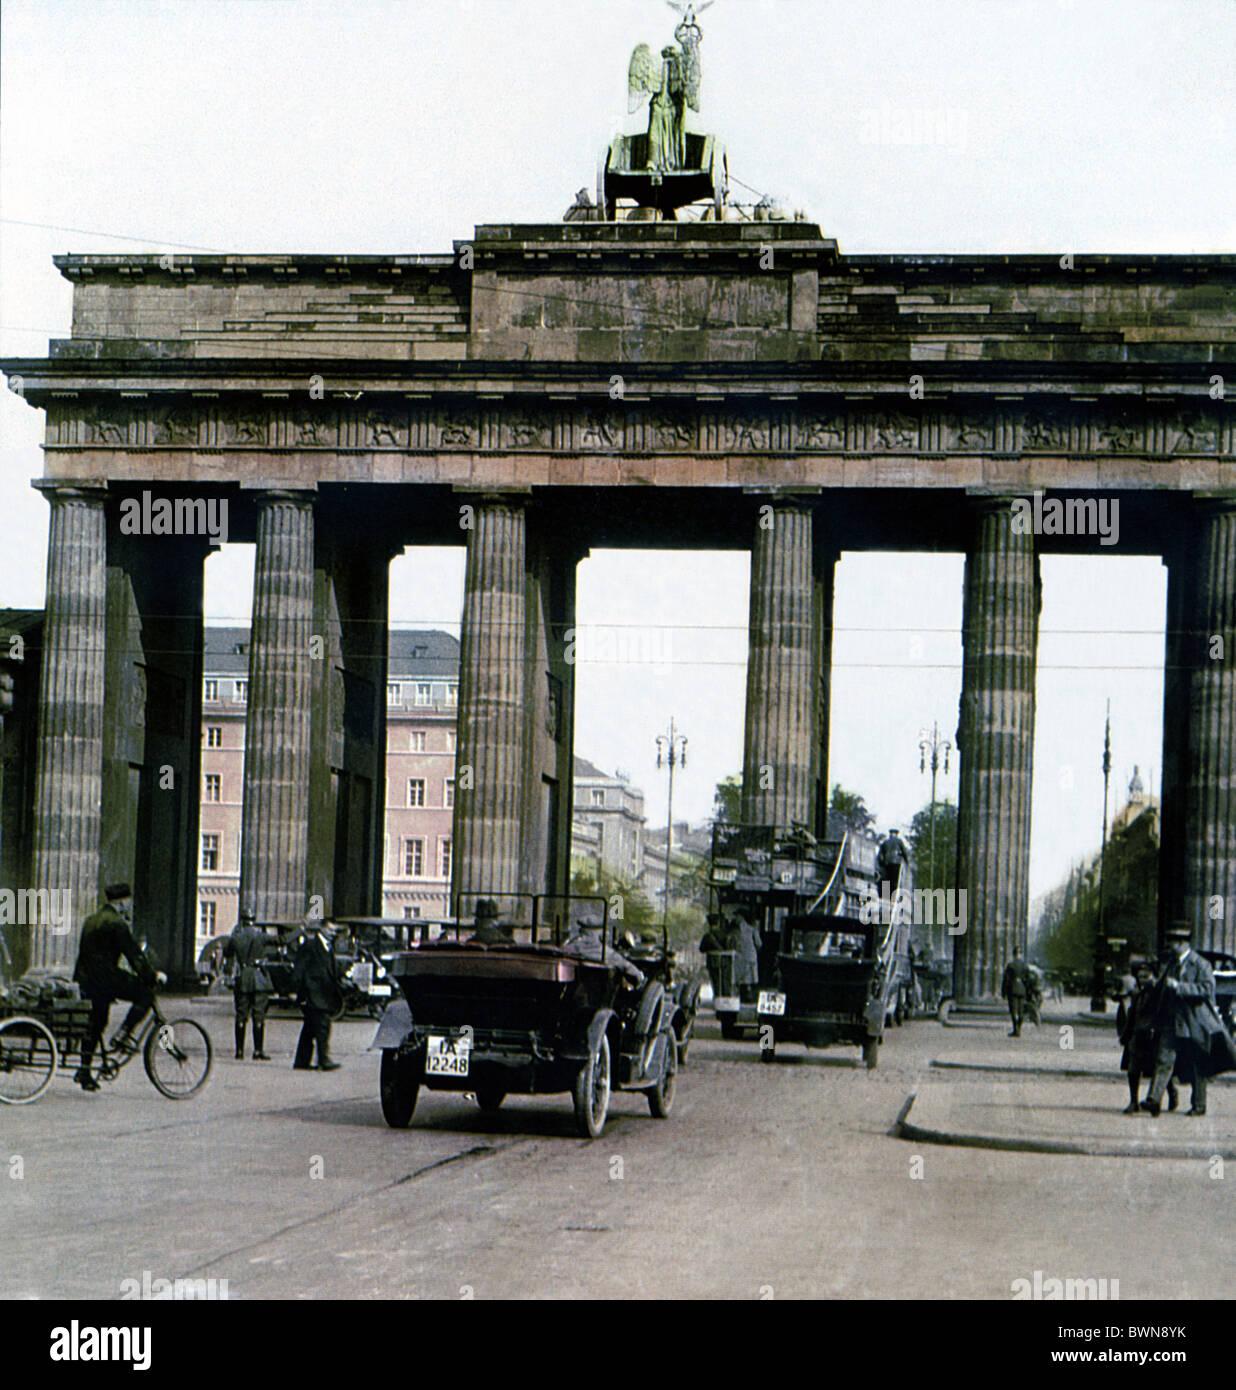 Brandenburger Tor Berlin 1930 historia histórico pueblo de tráfico landmark Puerta de Brandenburgo Ger Imagen De Stock